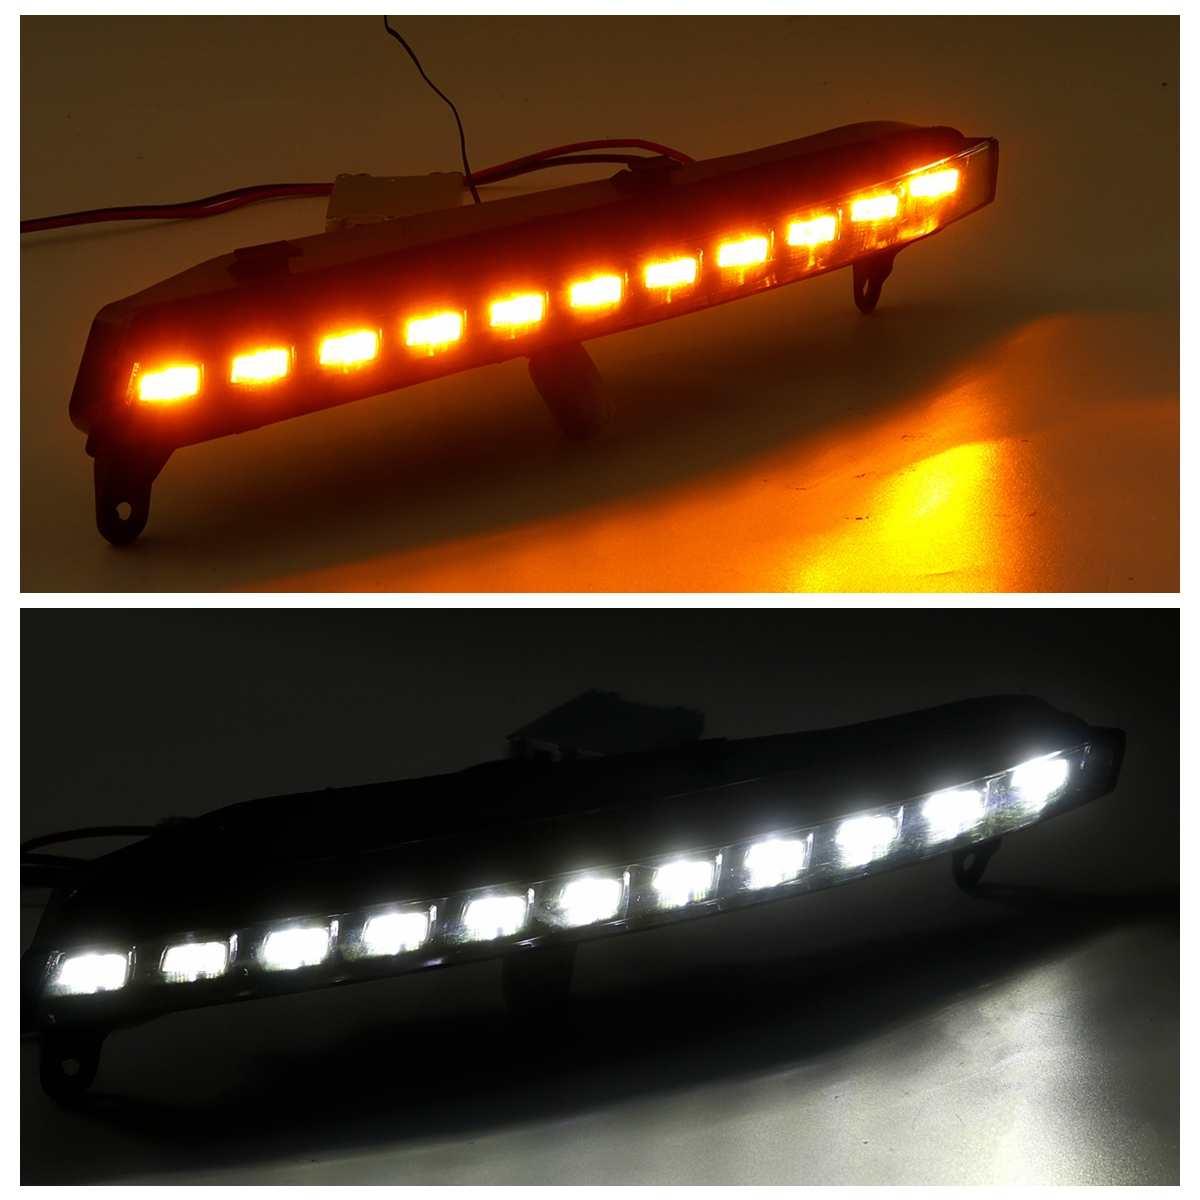 Clignotant LED de pare chocs avant pour Audi Q7 2006 2009 phare antibrouillard feux diurnes Drl clignotant accessoires de phares - 2